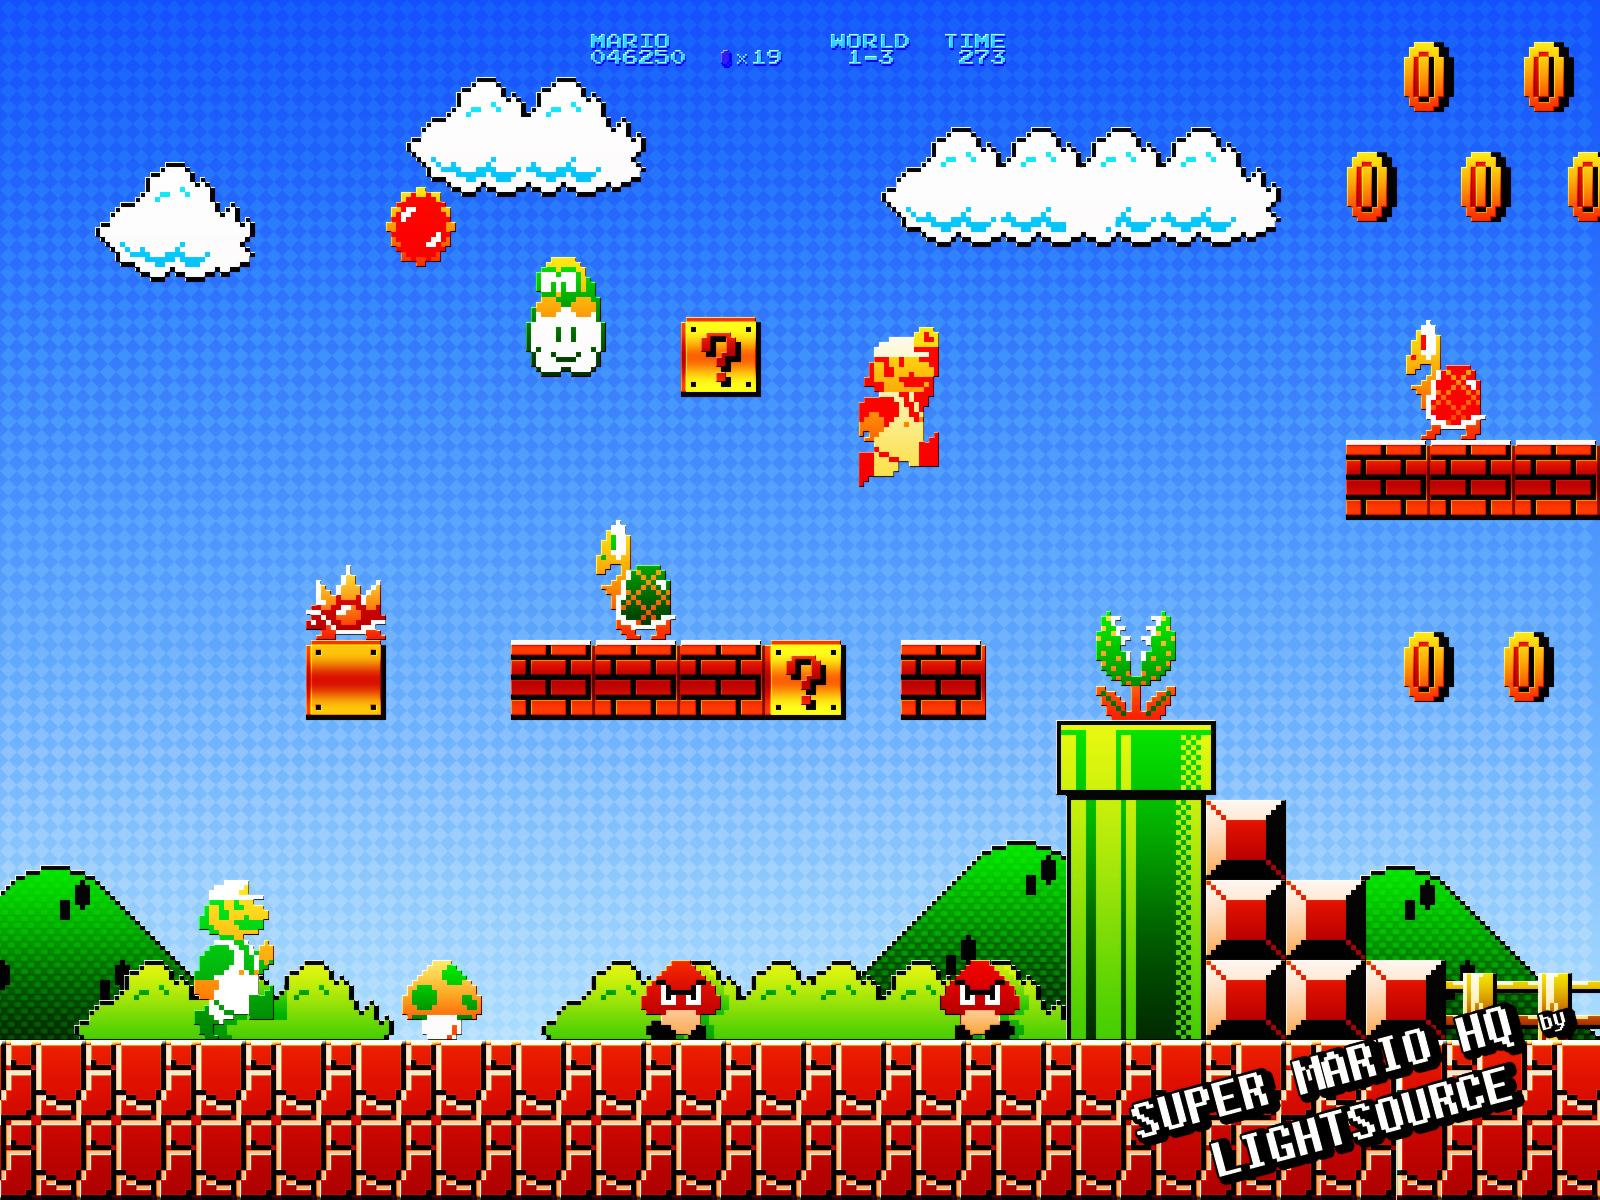 Super Mario Bros World War 3 By Qwertyuiopasd1234567 On – Fondos de